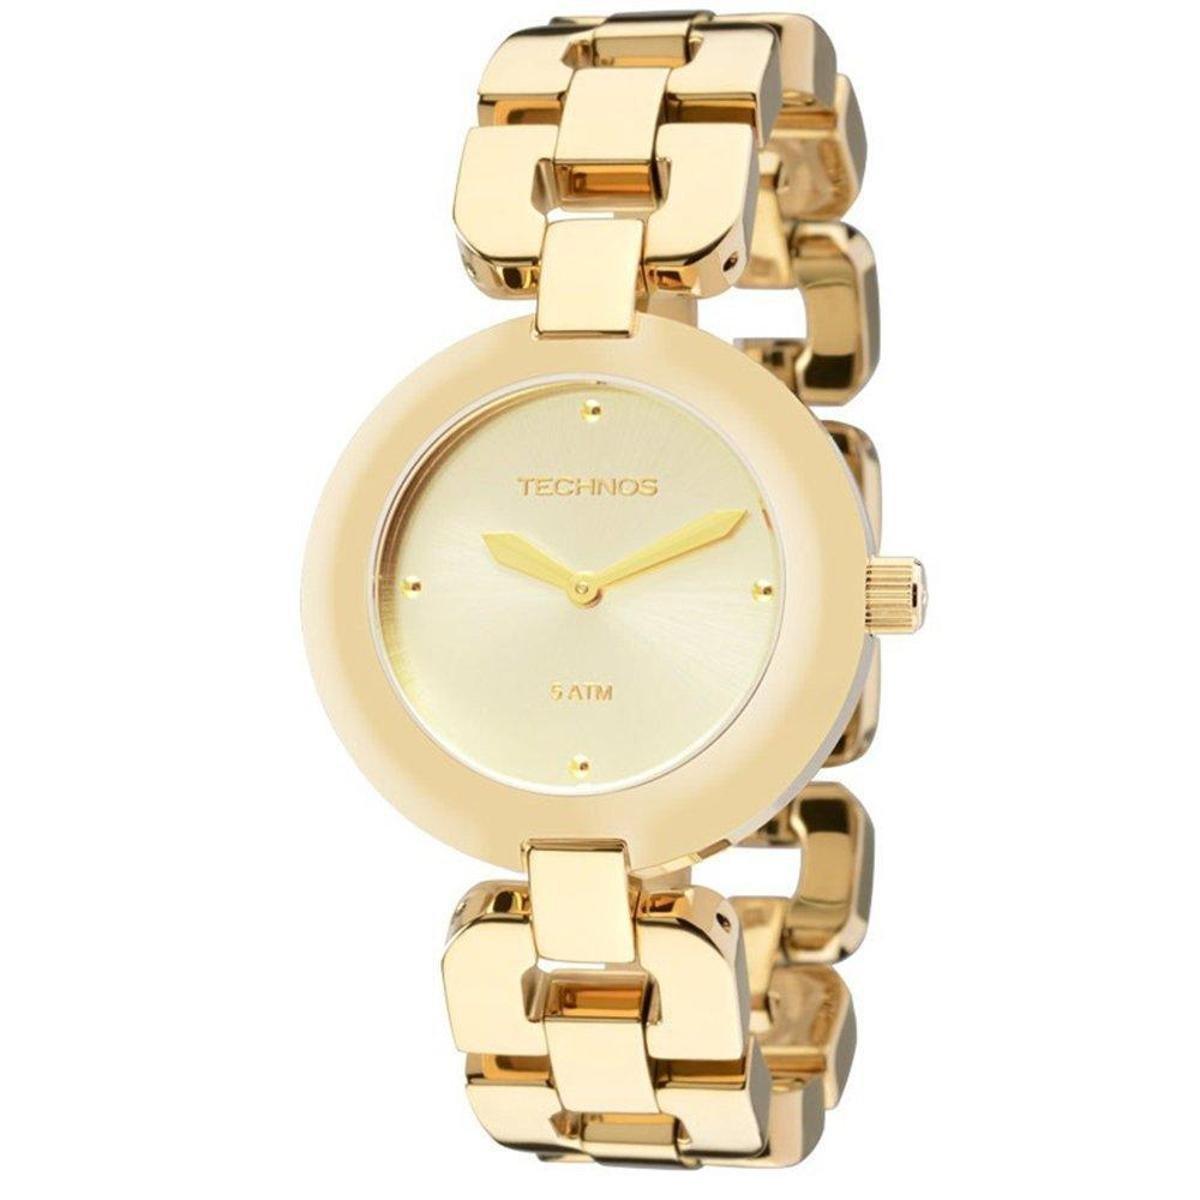 99a97f1e012 Relógio Technos Feminino Elegance St. Moritz - Compre Agora